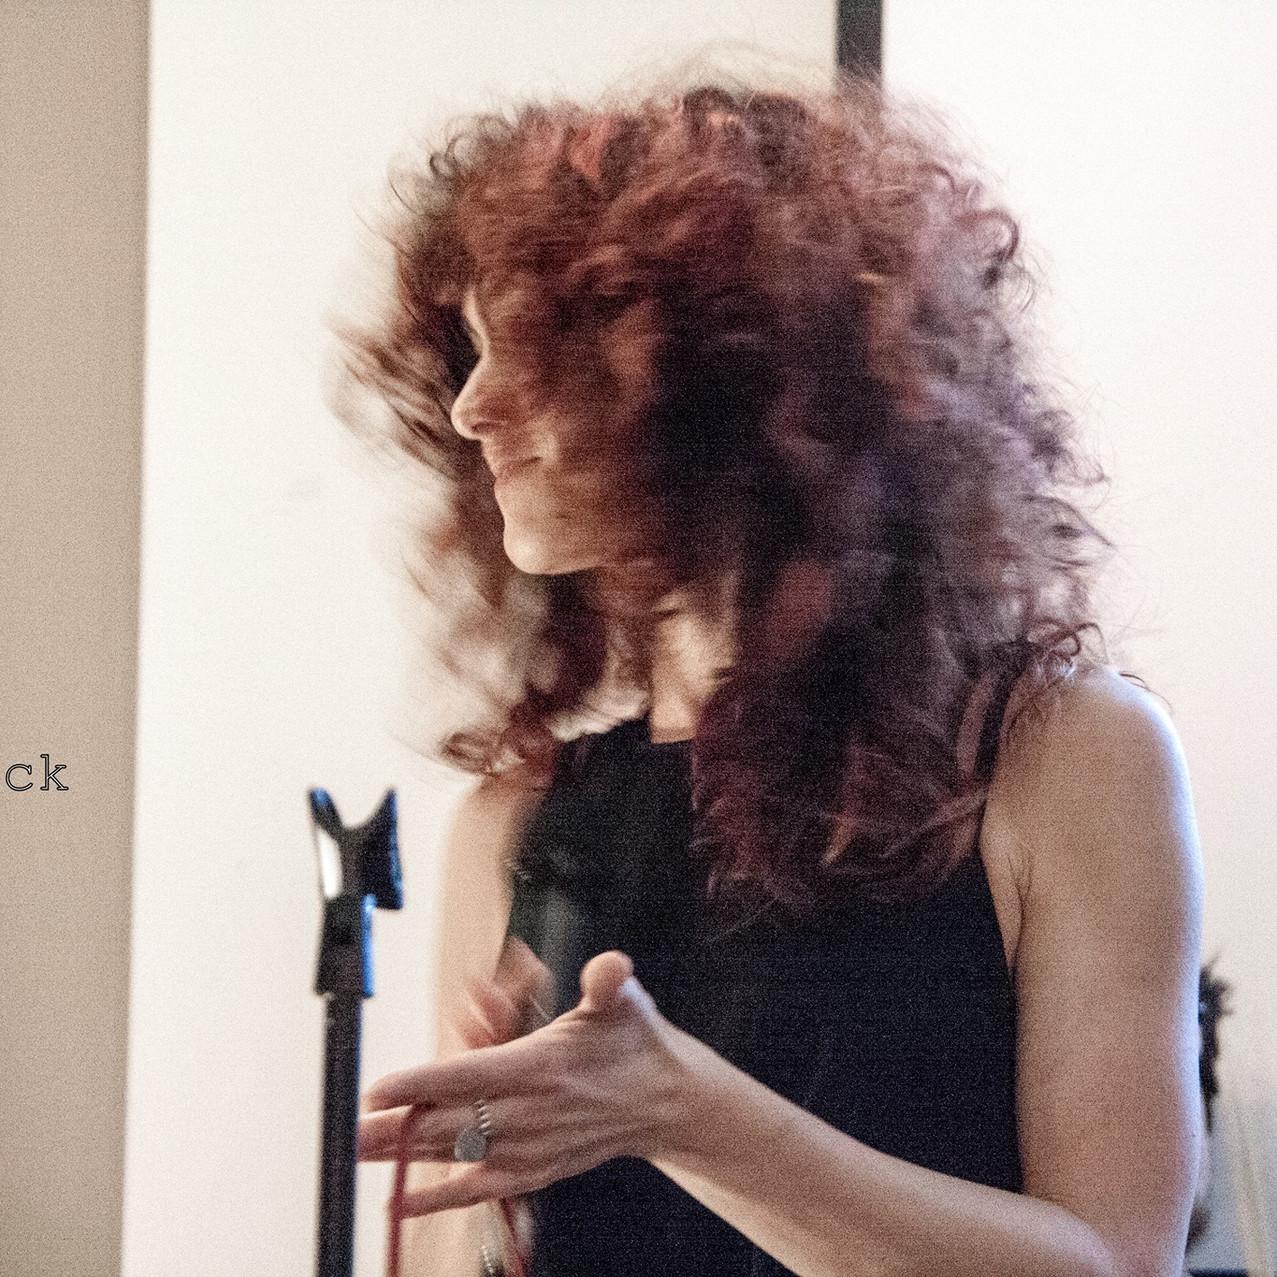 Photo courtesy of Mba'Rock